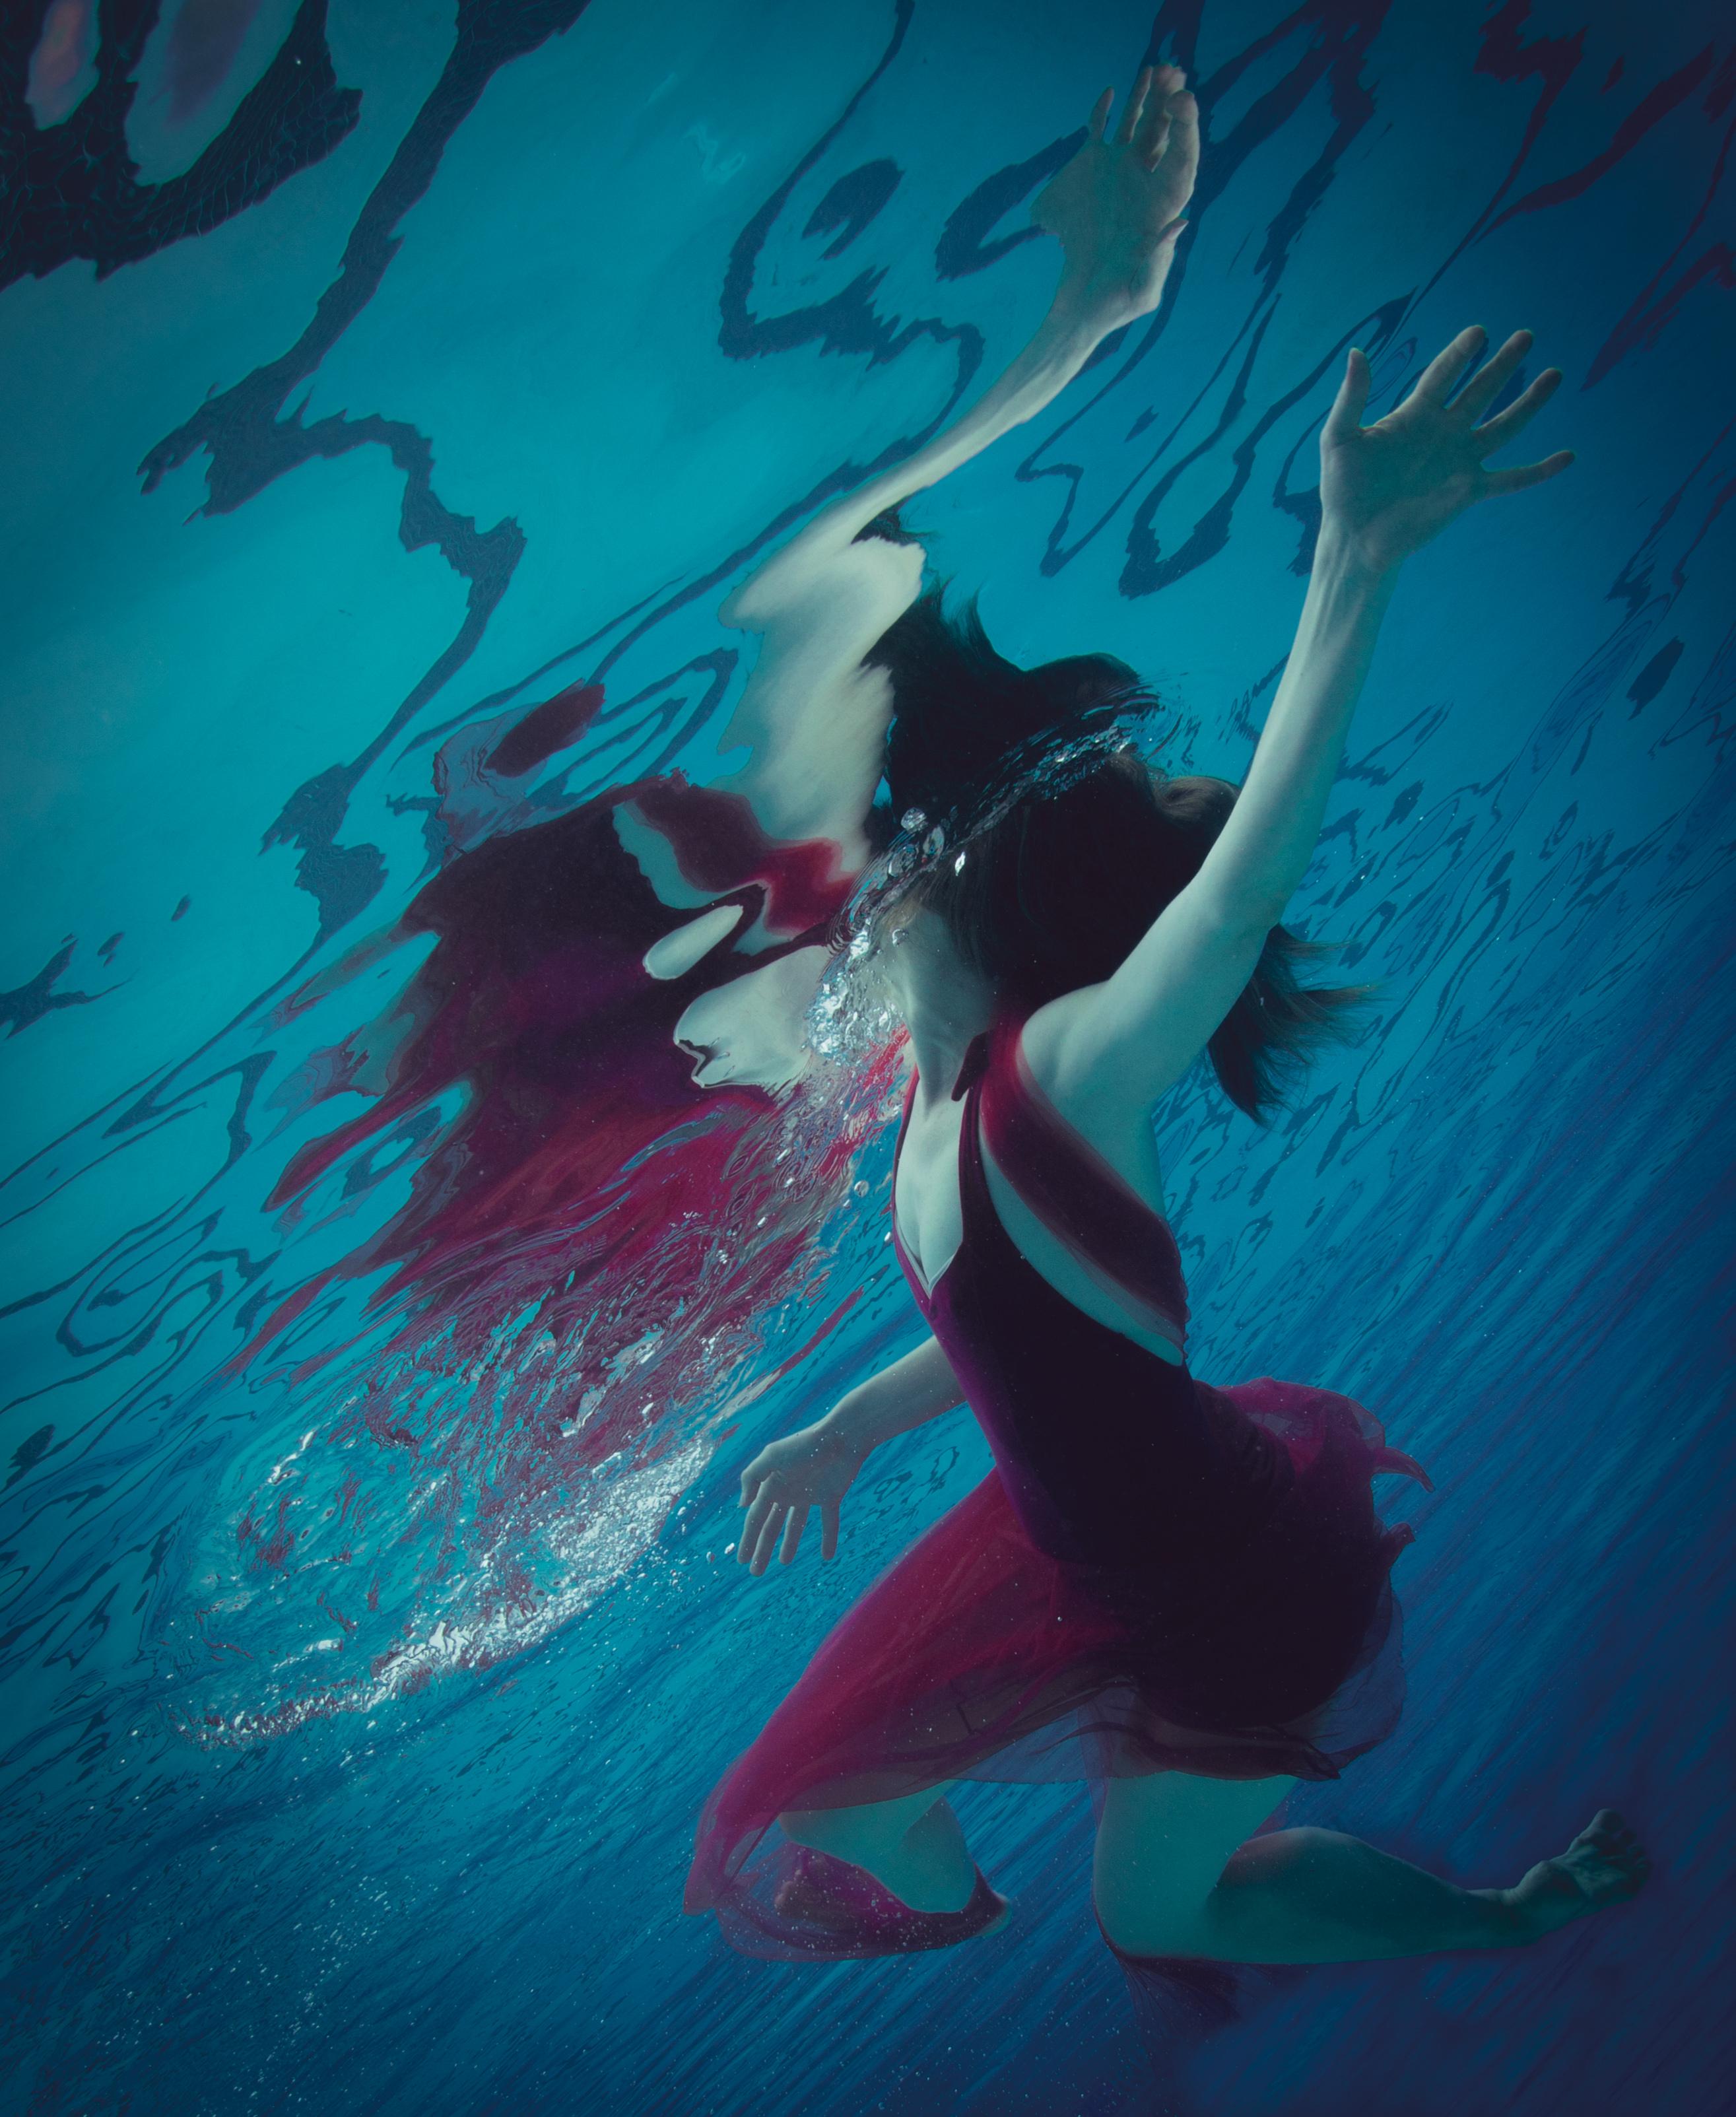 UnderwaterPhotography-9